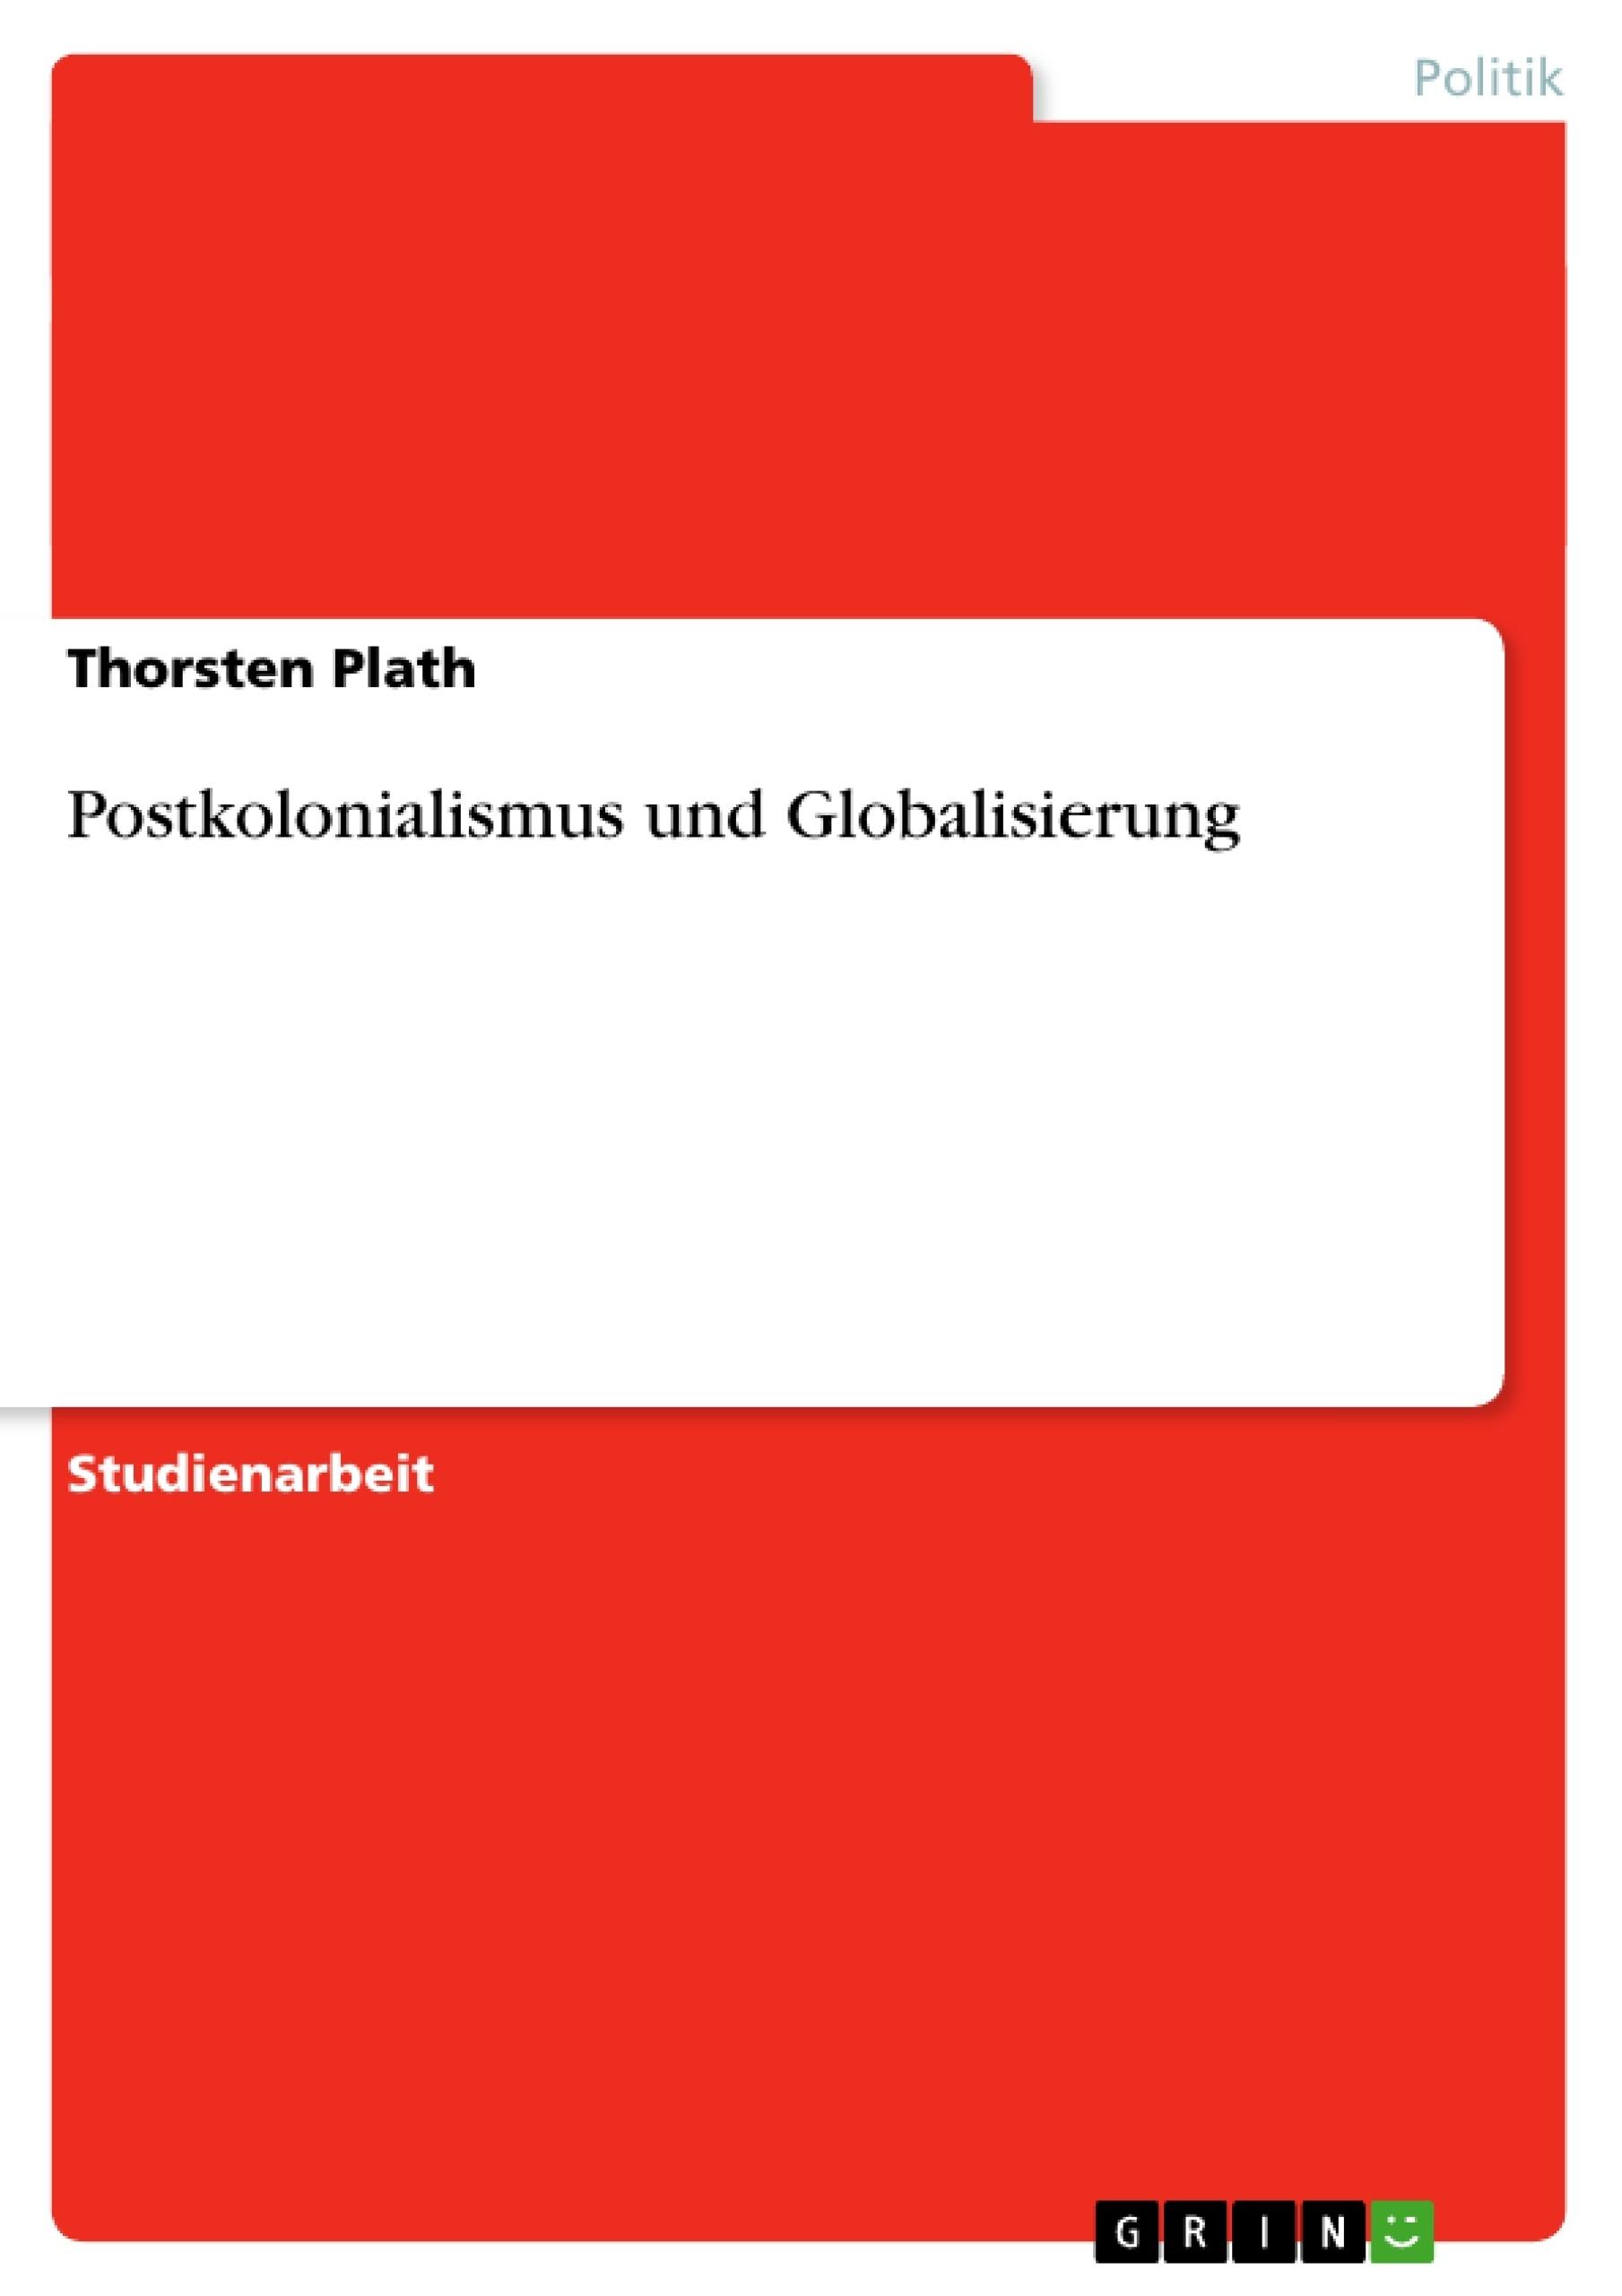 Titel: Postkolonialismus und Globalisierung